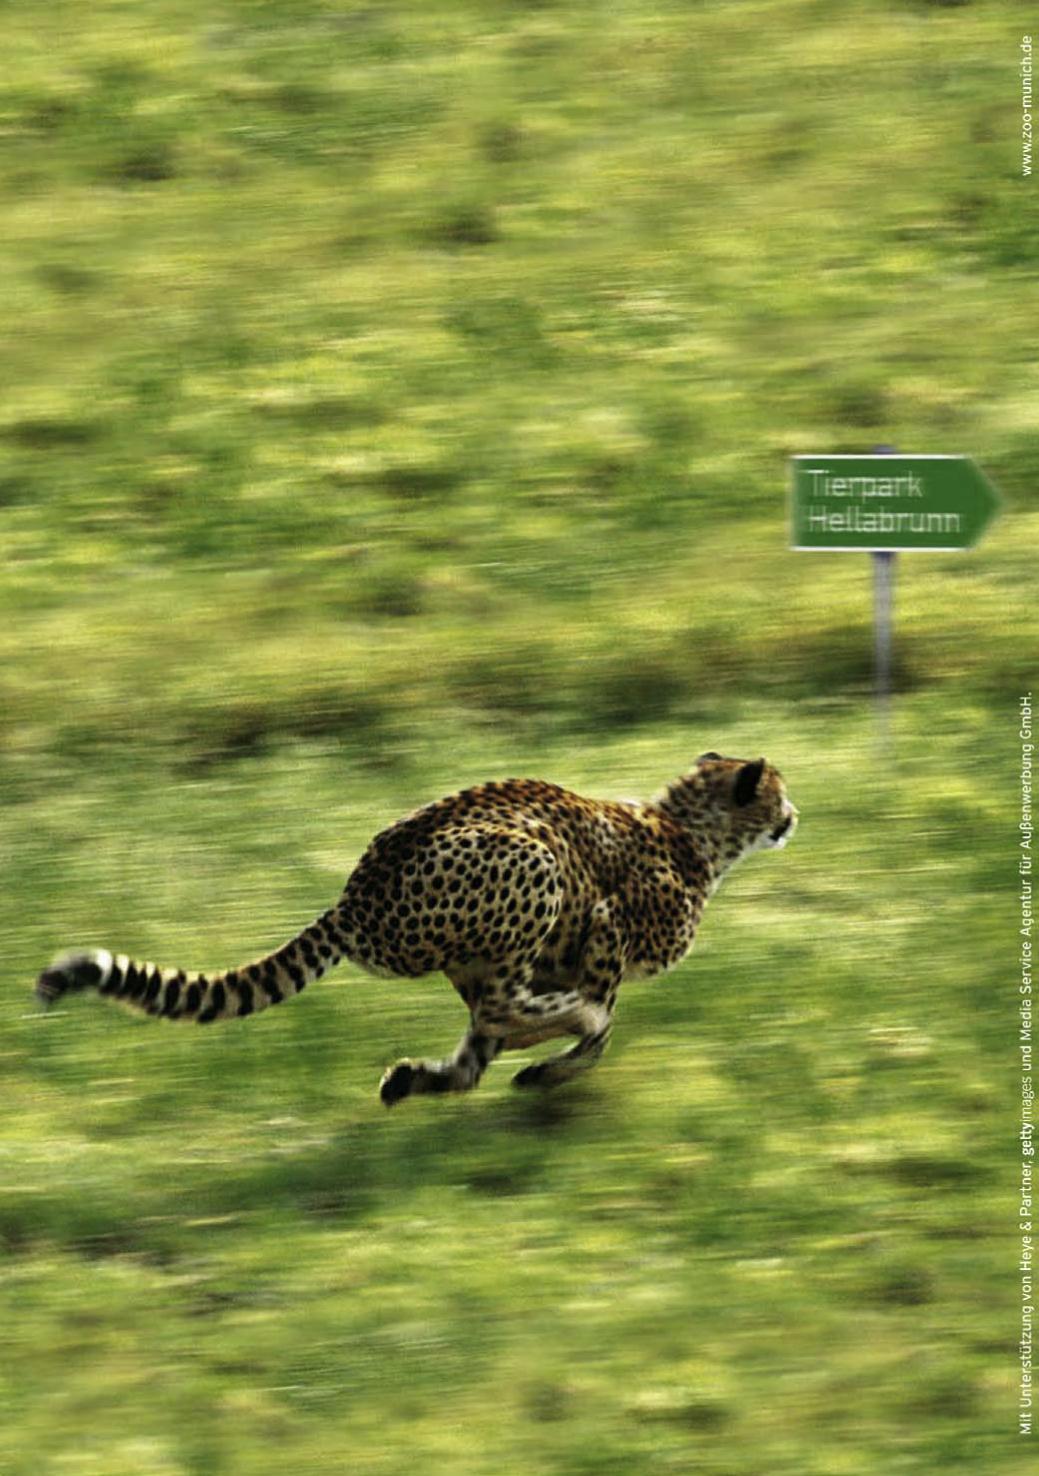 Tierpark Hellabrunn - Plakat Gepard - Wegweiser